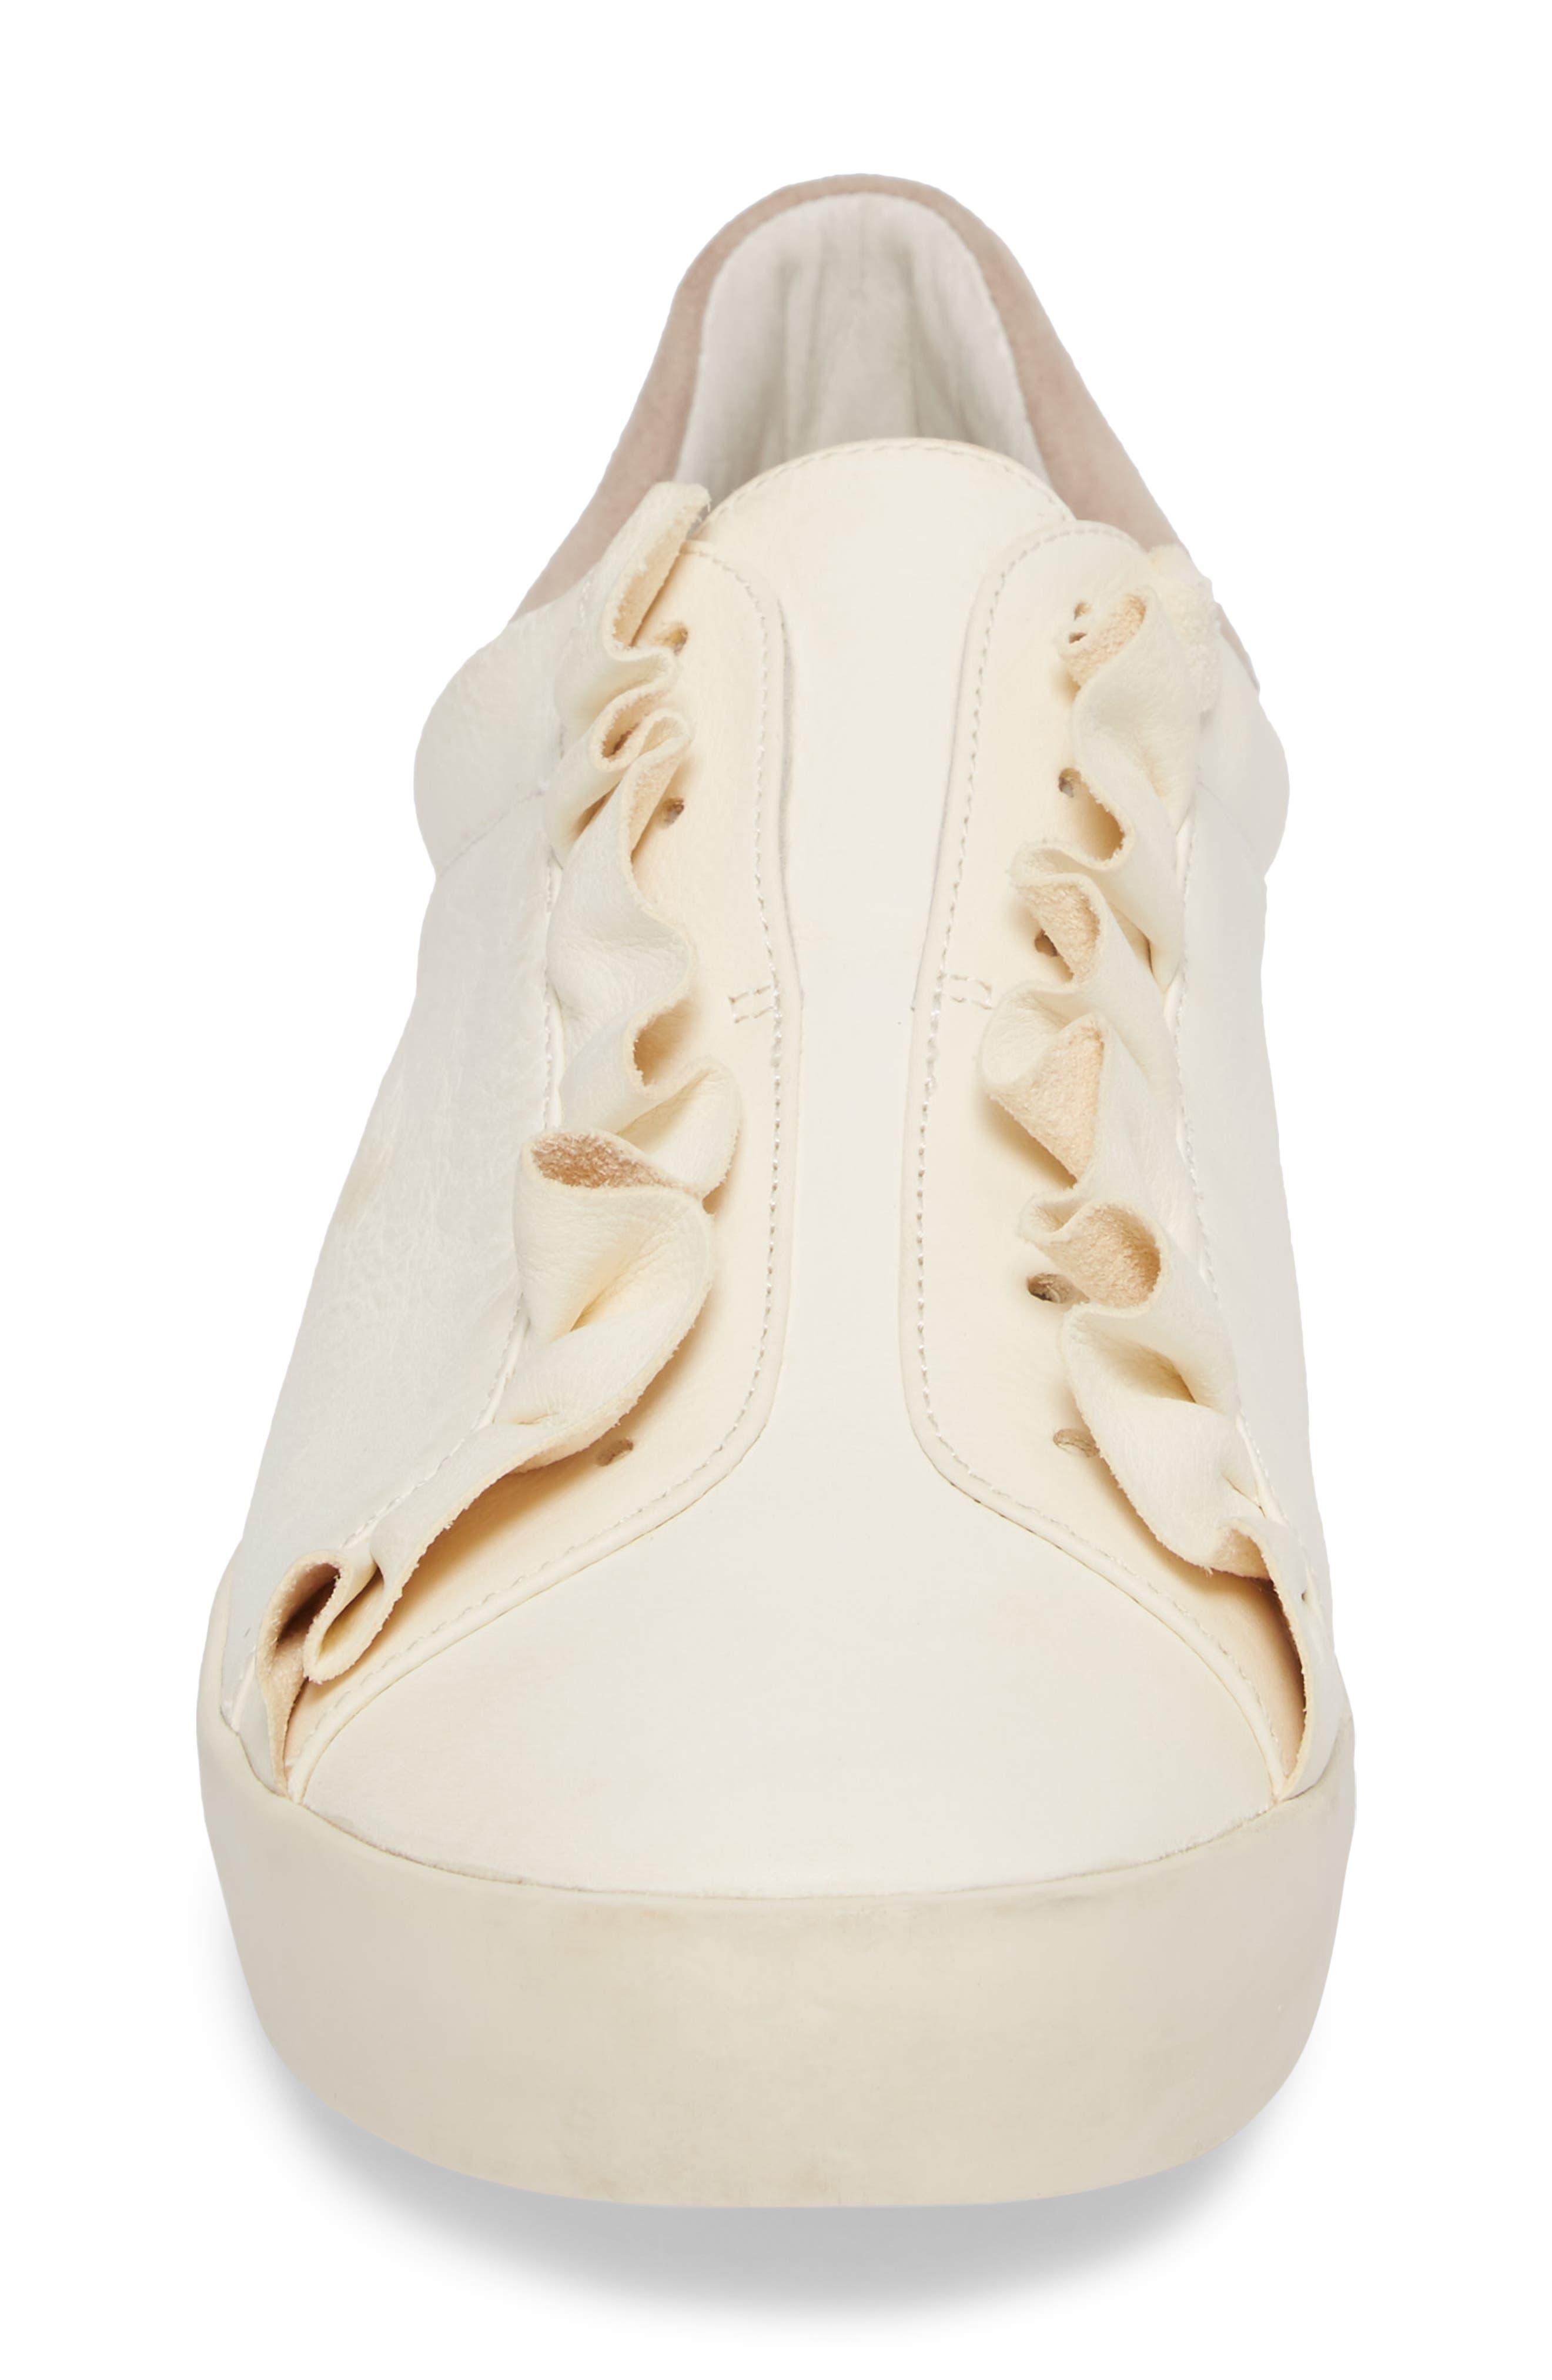 Daw Ruffle Slip-On Sneaker,                             Alternate thumbnail 4, color,                             900